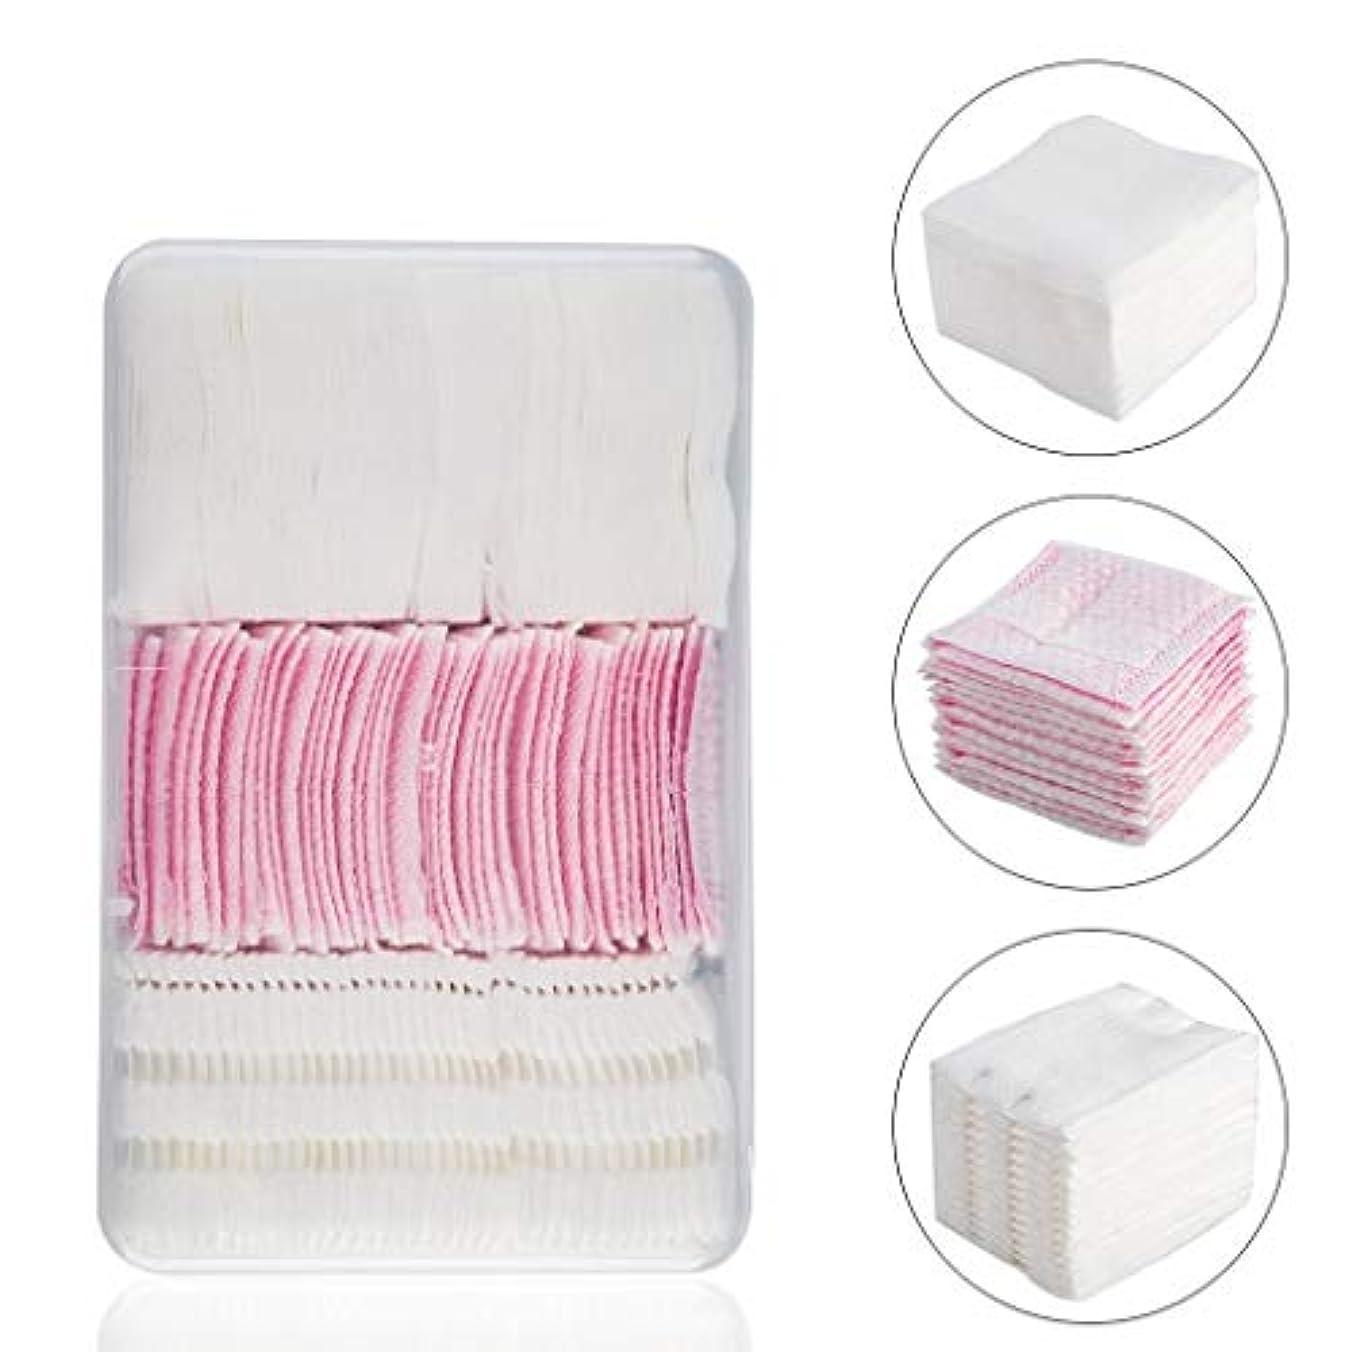 虚偽種をまく返還クレンジングシート コンビネーション使い捨て厚い綿パッド薄いパッドクリーニングワイパーリムーバーソフト多層クレンジングタオルタオルパッド (Color : White or Pink)